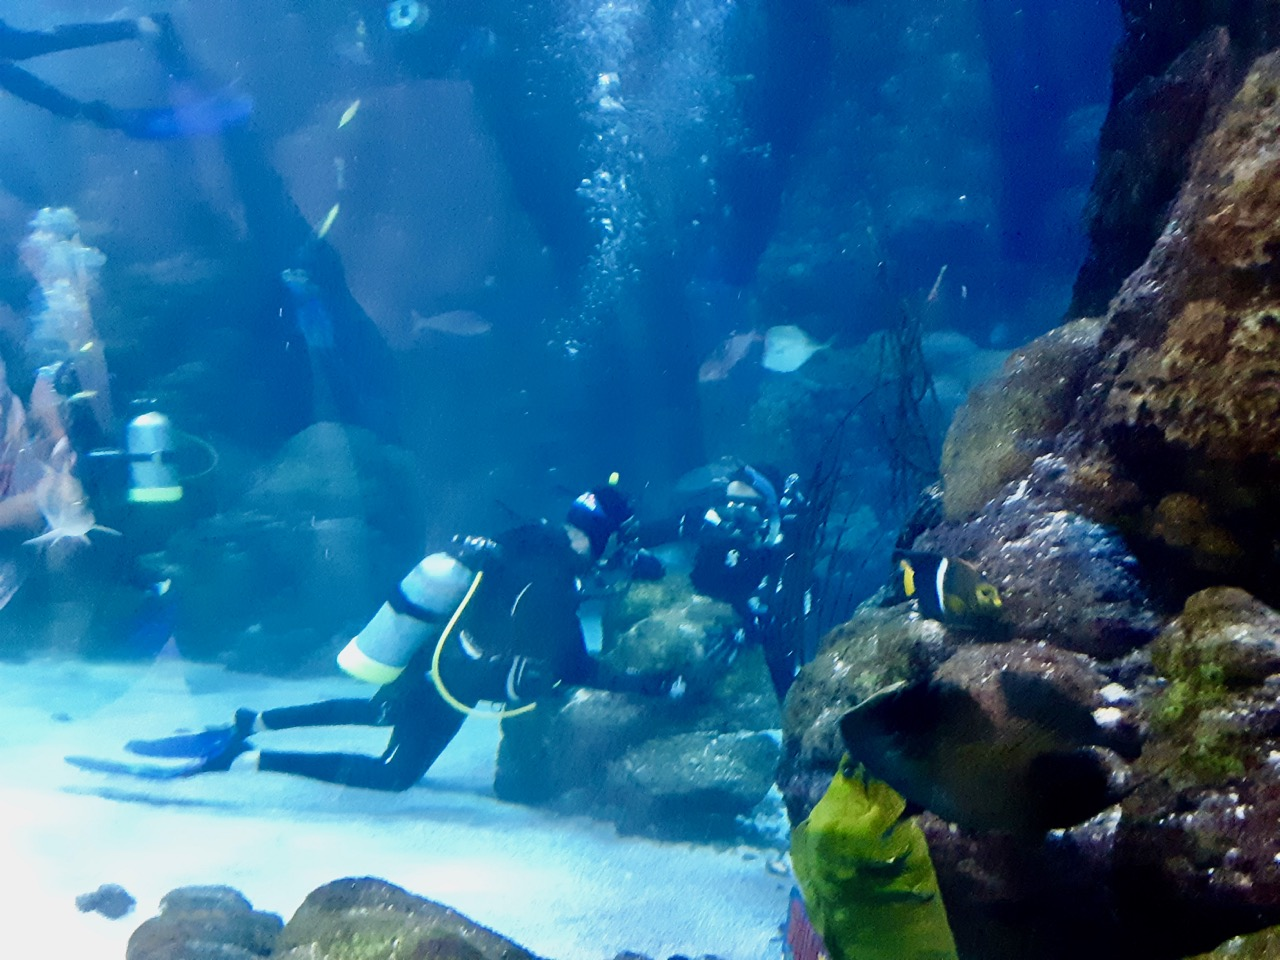 Brian and Jodi Scuba Diving at the Denver Aquarium